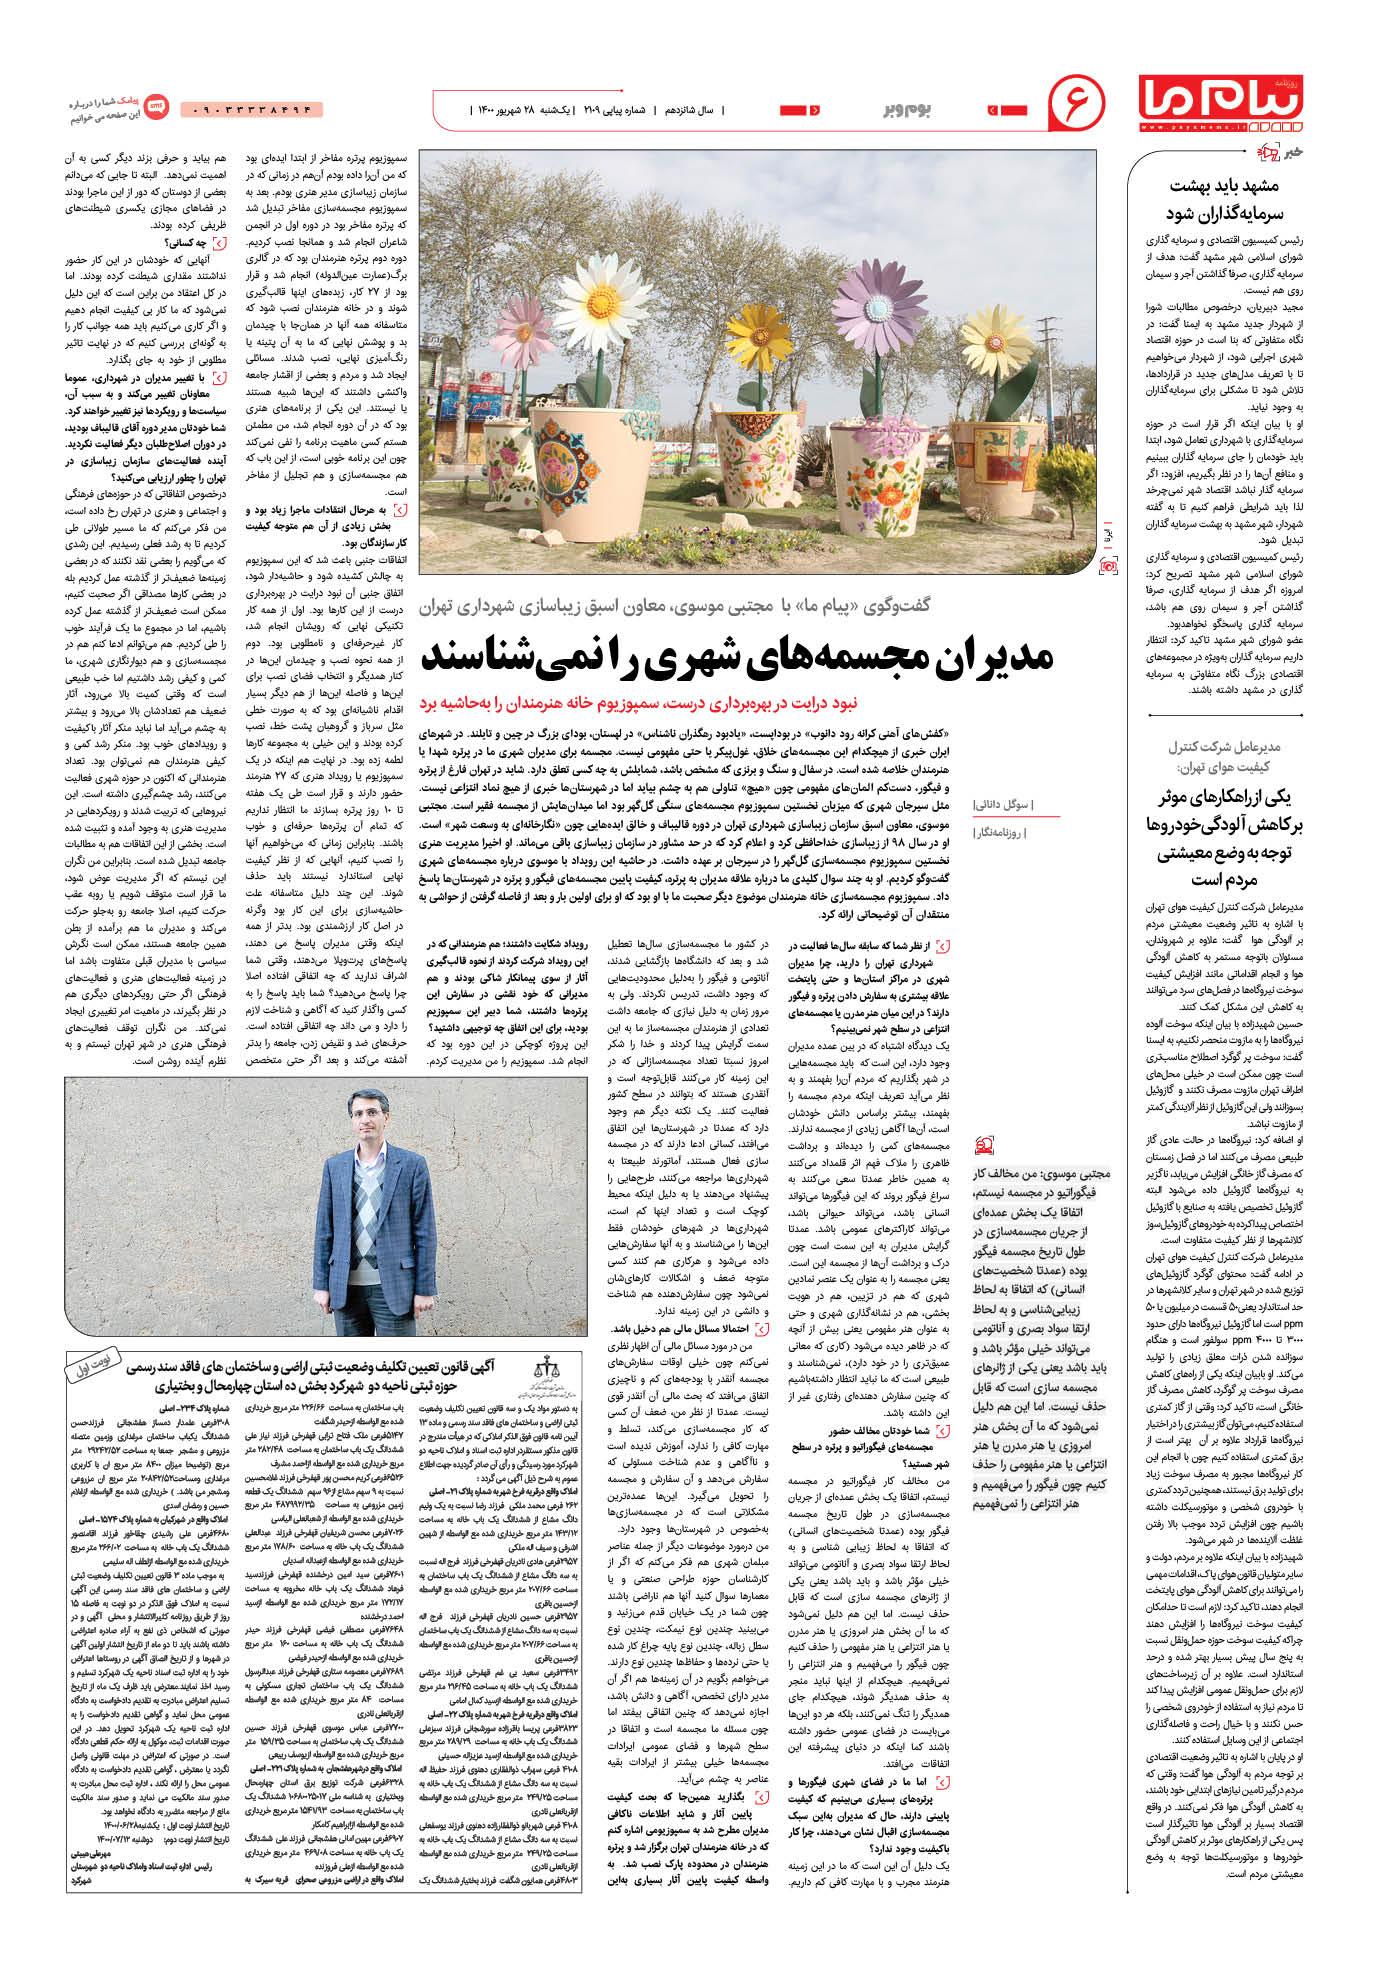 صفحه بوم و بر شماره 2109 روزنامه پیام ما